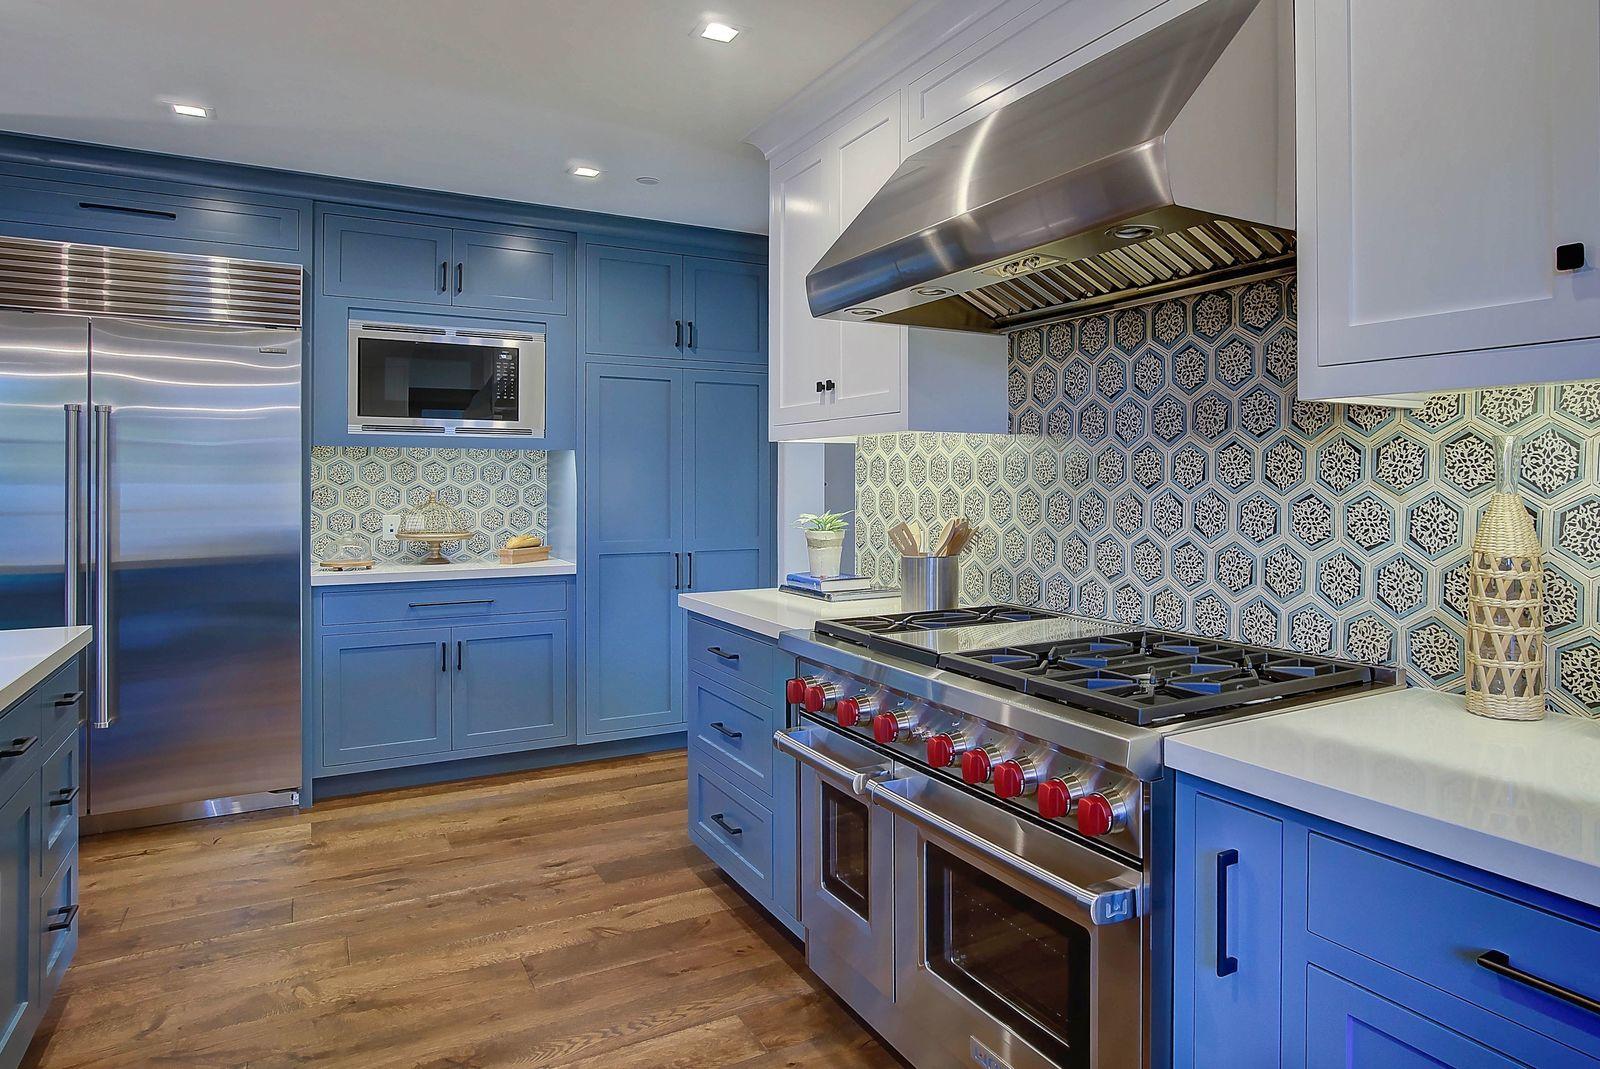 Modern-spanish-kitchen-tile-backsplash-premier-general-contractors.jpg